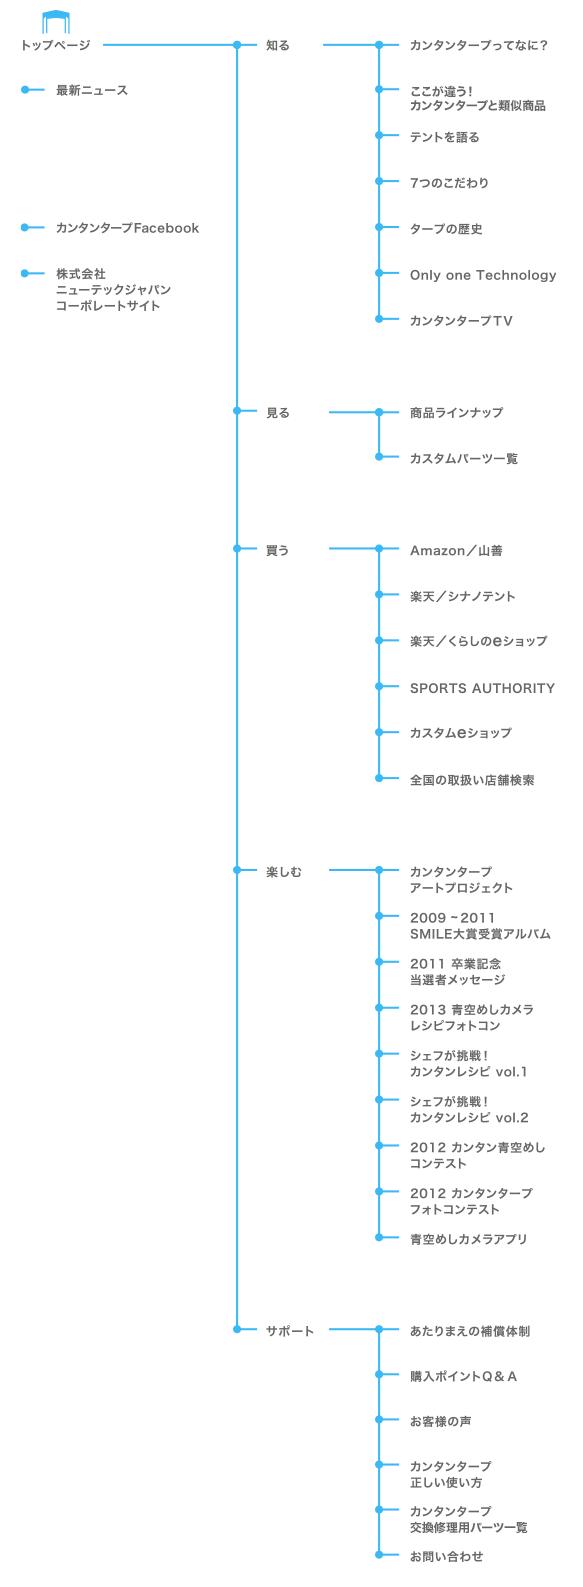 サイトマップ図